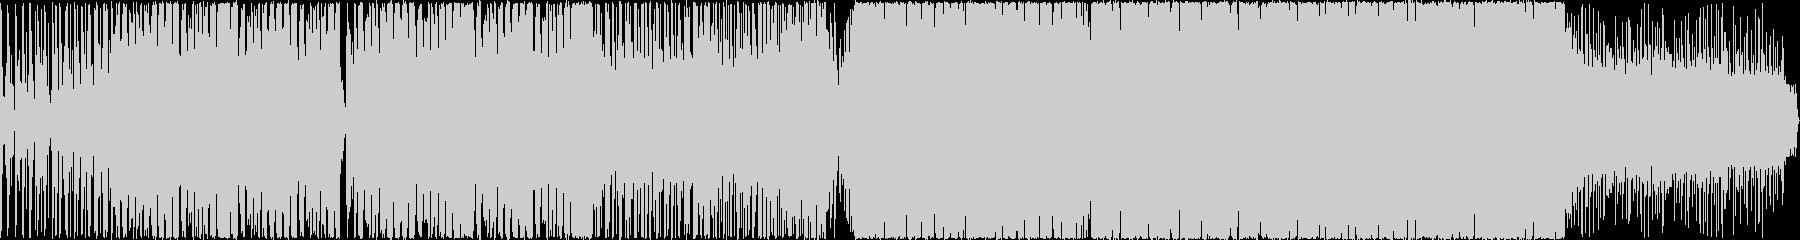 おしゃれなコードのEDM風ハウスの未再生の波形